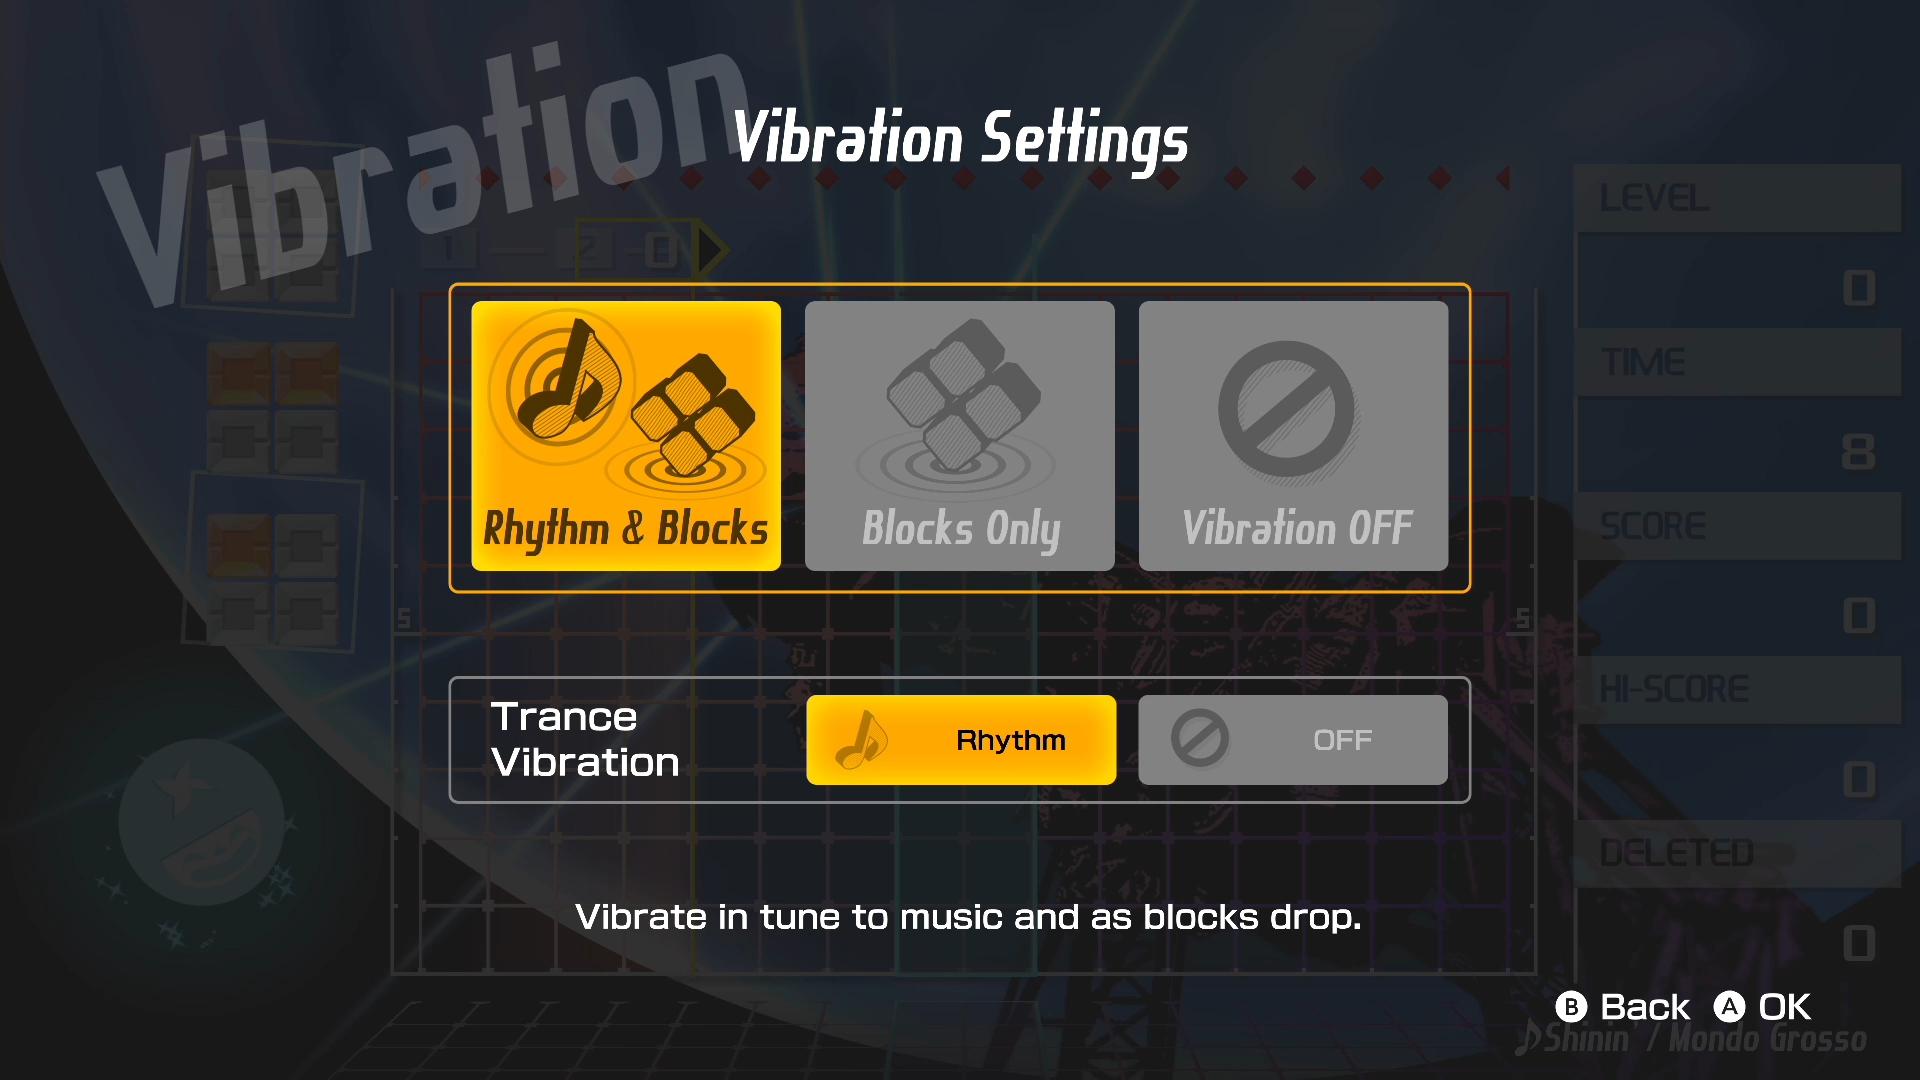 LUMINES et le retour de la trance vibration Lrm_ss12_virbationsetting